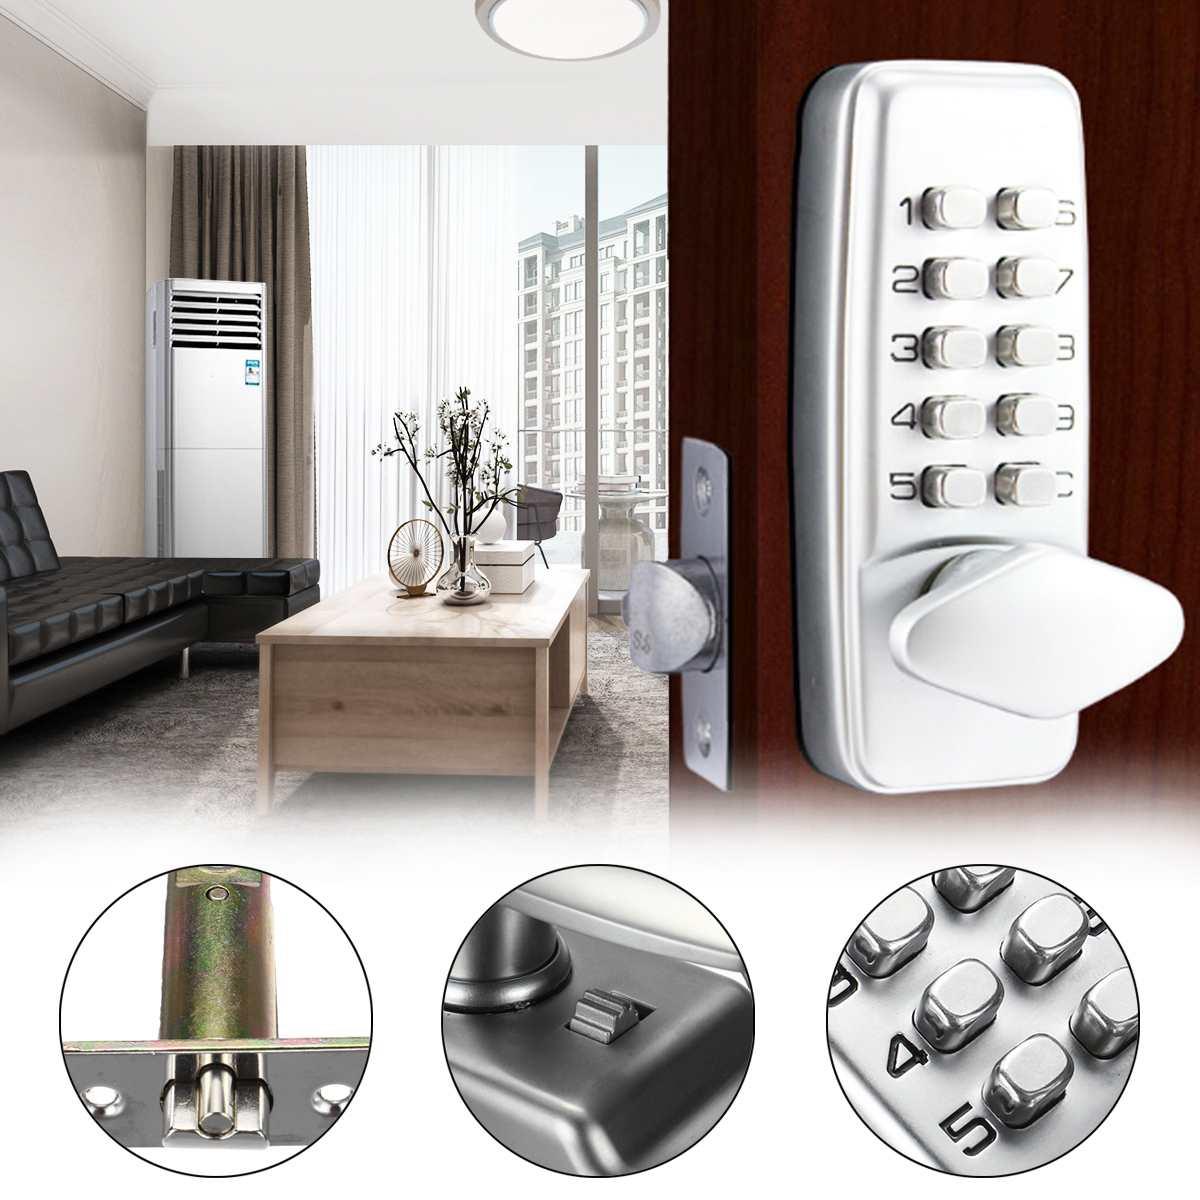 Poignée à levier étanche combinaison mécanique Lockey numérique numéro à pêne dormant serrure codée pour le matériel de meubles de maison